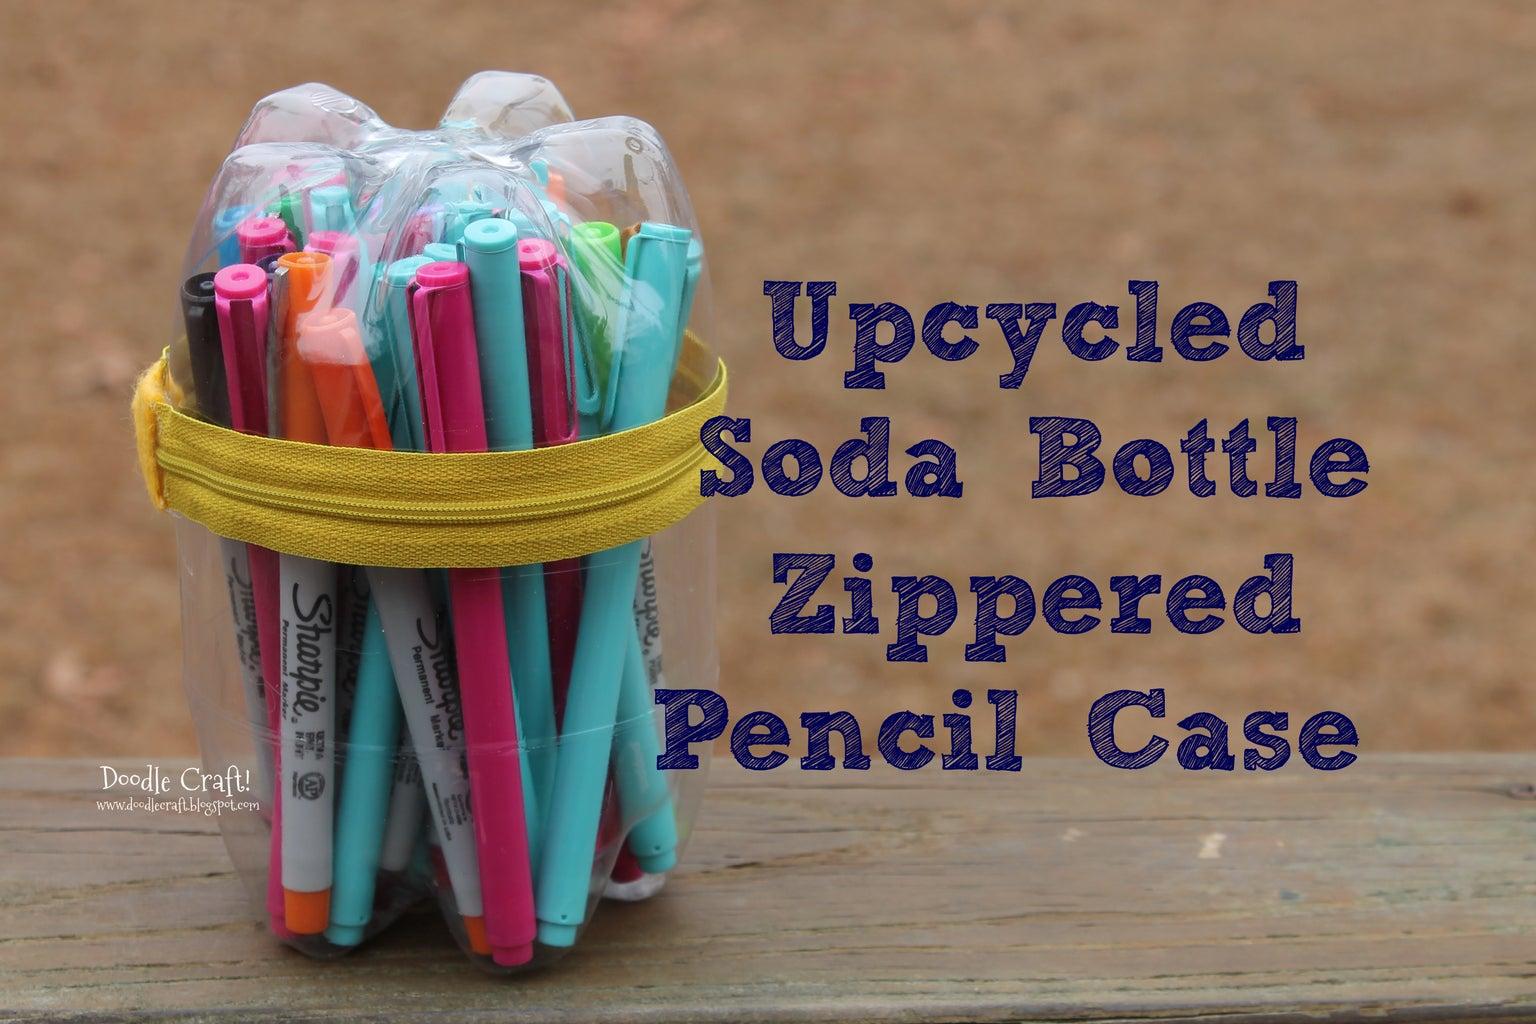 Upcycled Soda Bottle Zippered Pencil Case!